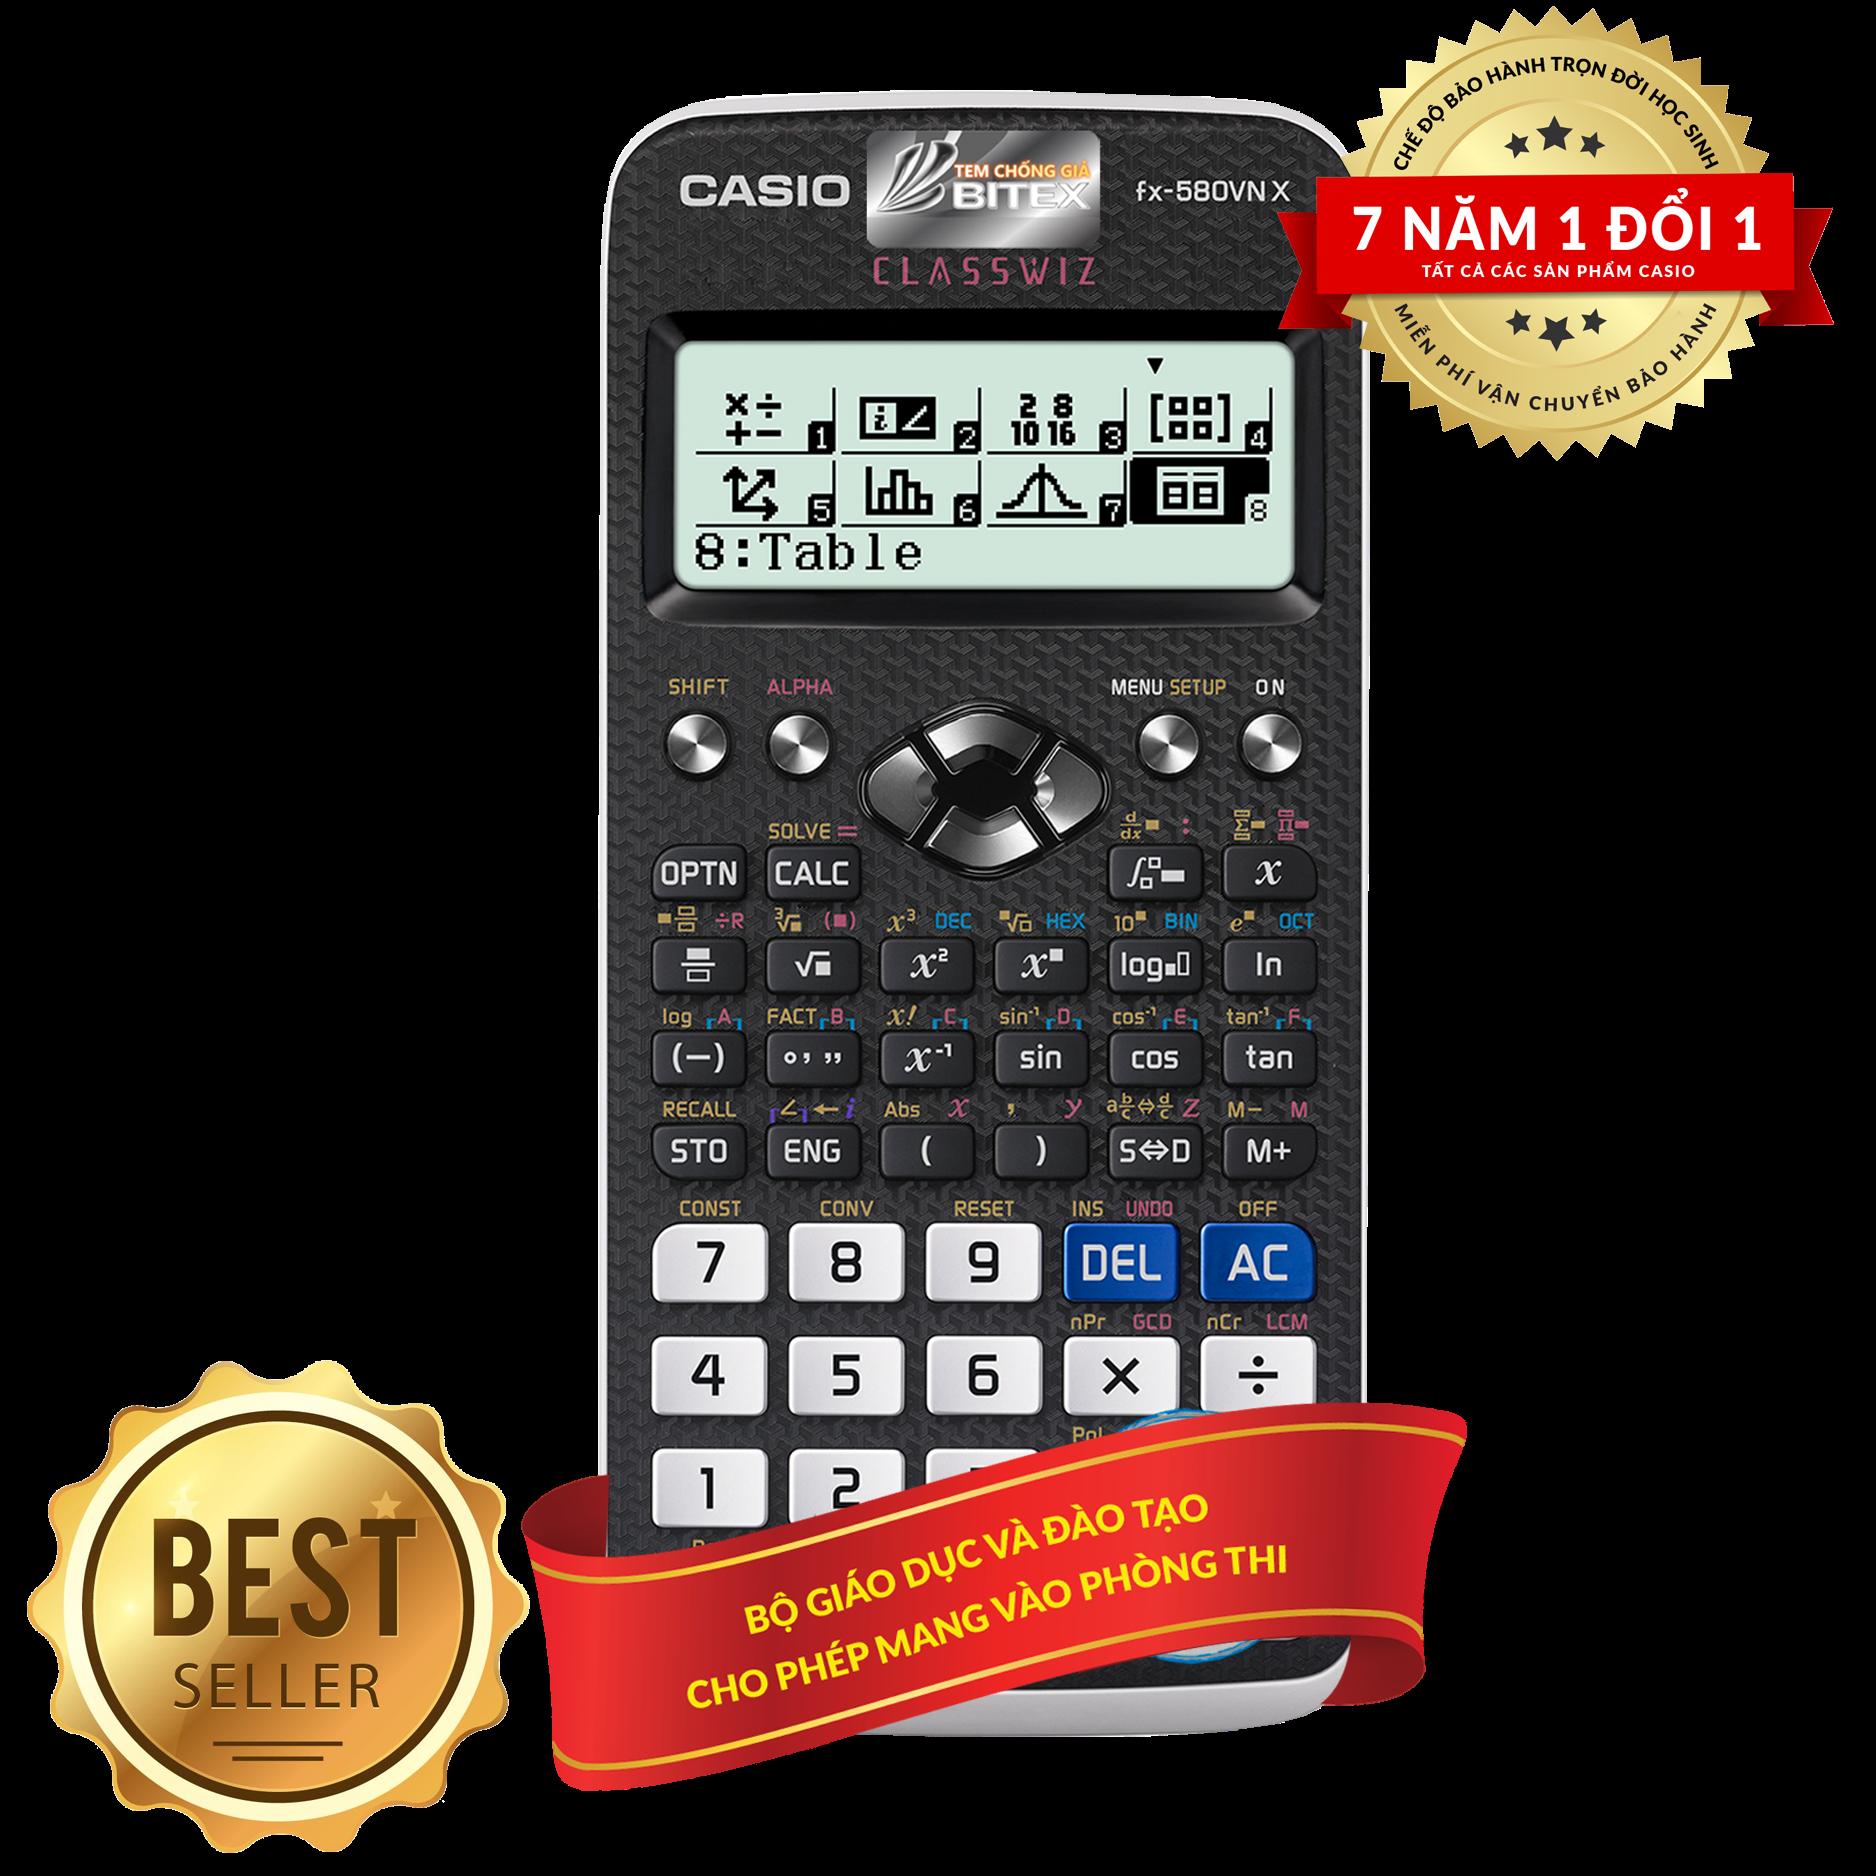 Máy tính học sinh Casio FX580VN X (BH 7 NĂM) (1 đổi 1) N/K Chính Hãng ( fx580vnx ) casio fx580